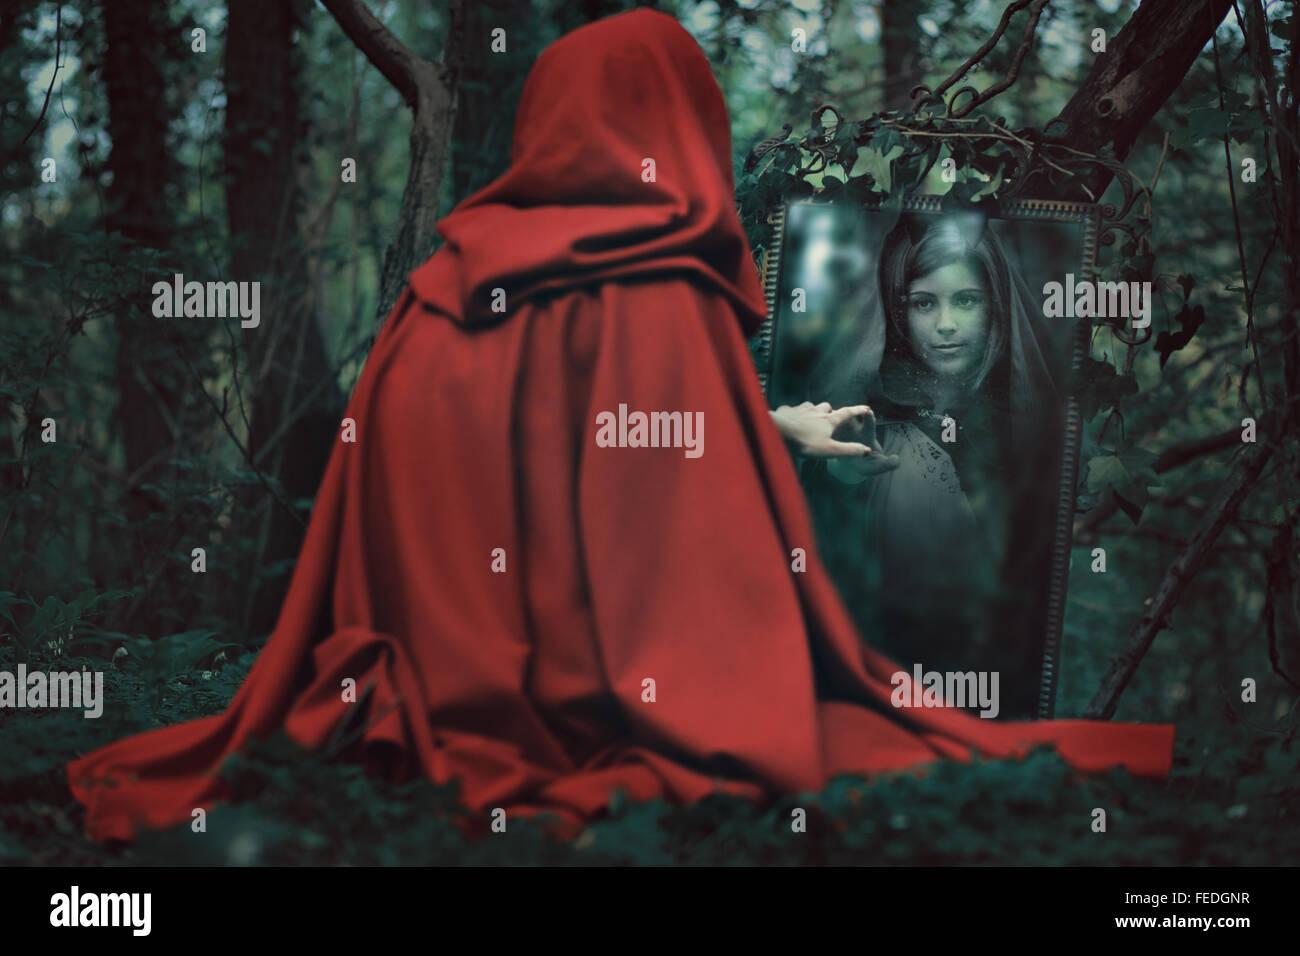 Geheimnisvolle rote Kapuze Frau vor einem magischen Spiegel. Dark fantasy Stockbild